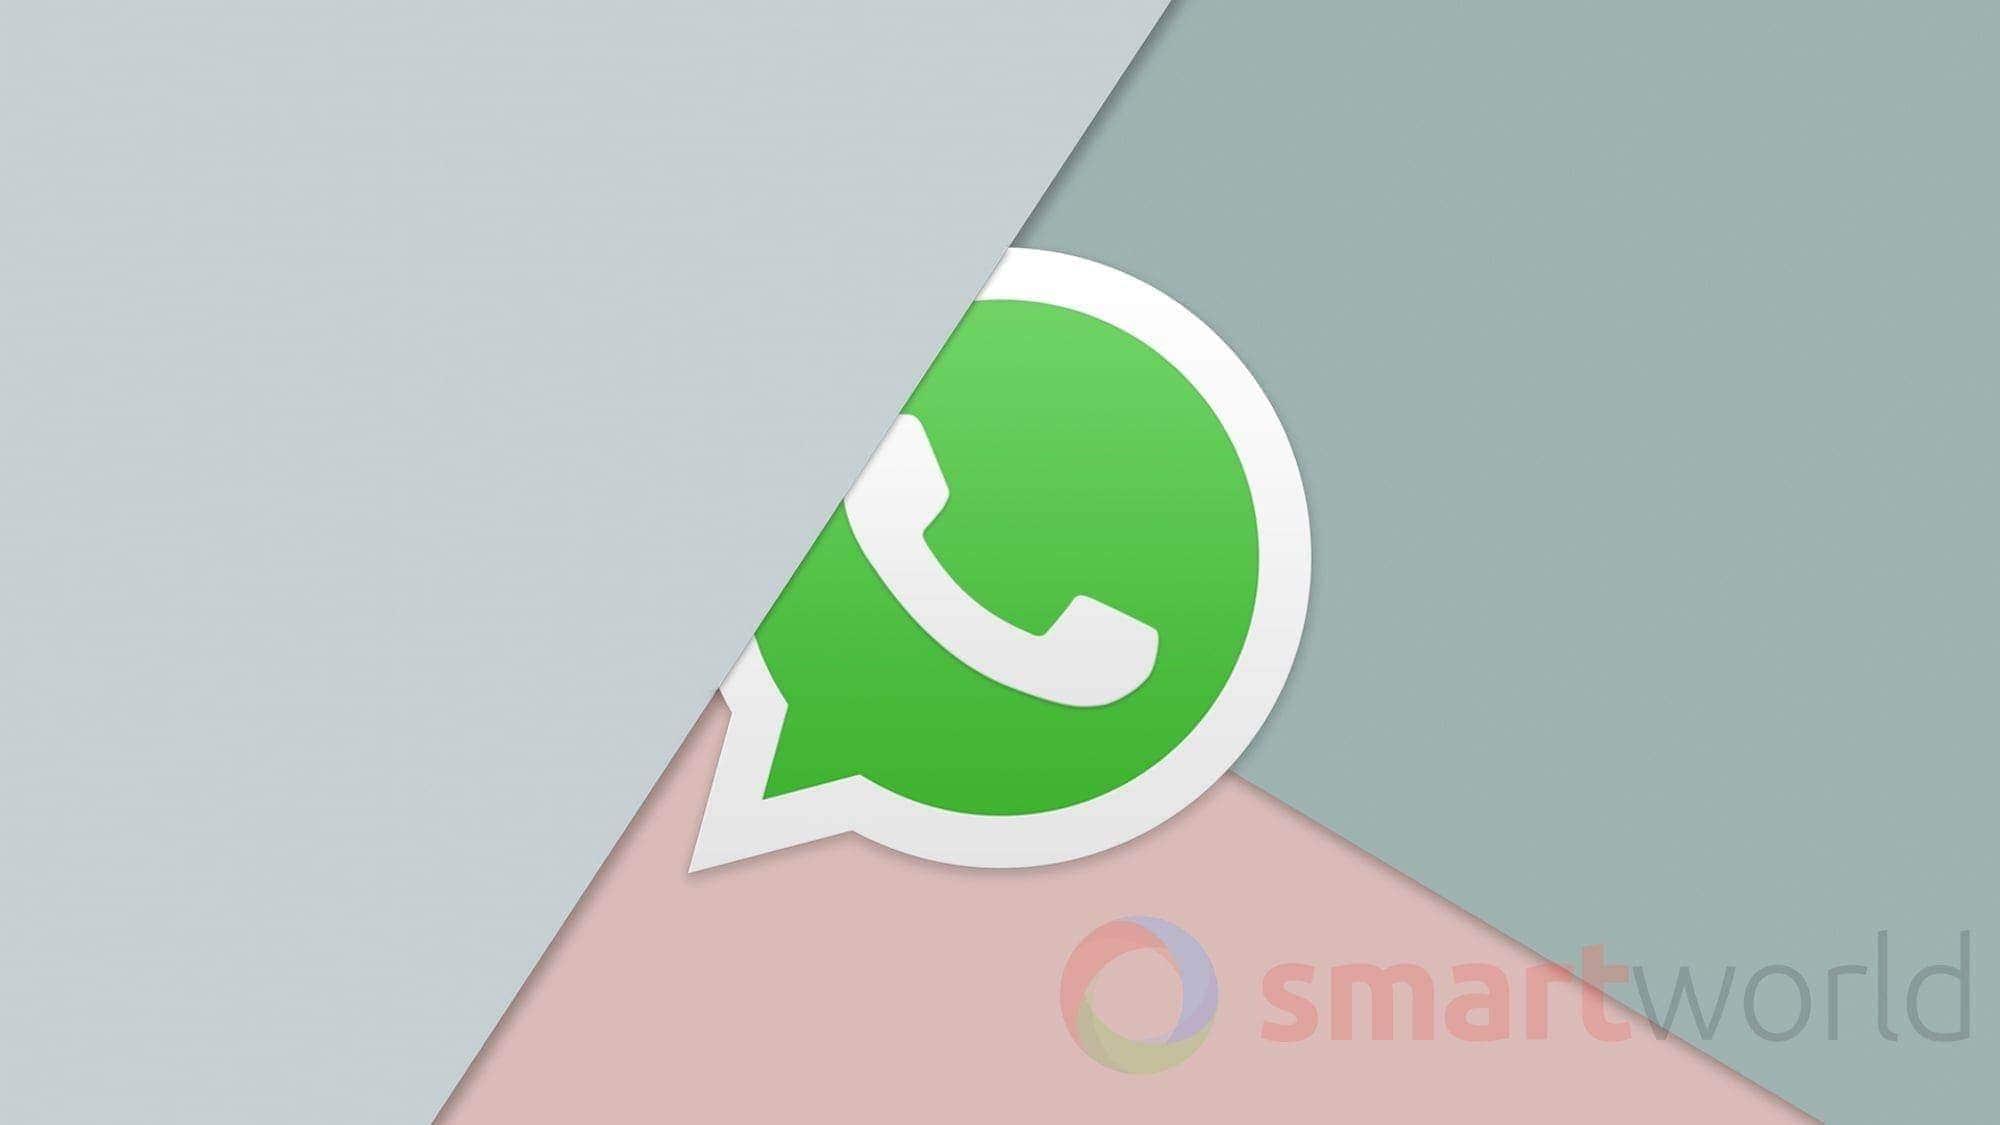 Su WhatsApp Beta arriva una nuova interfaccia per inserire emoji sulle foto (foto)